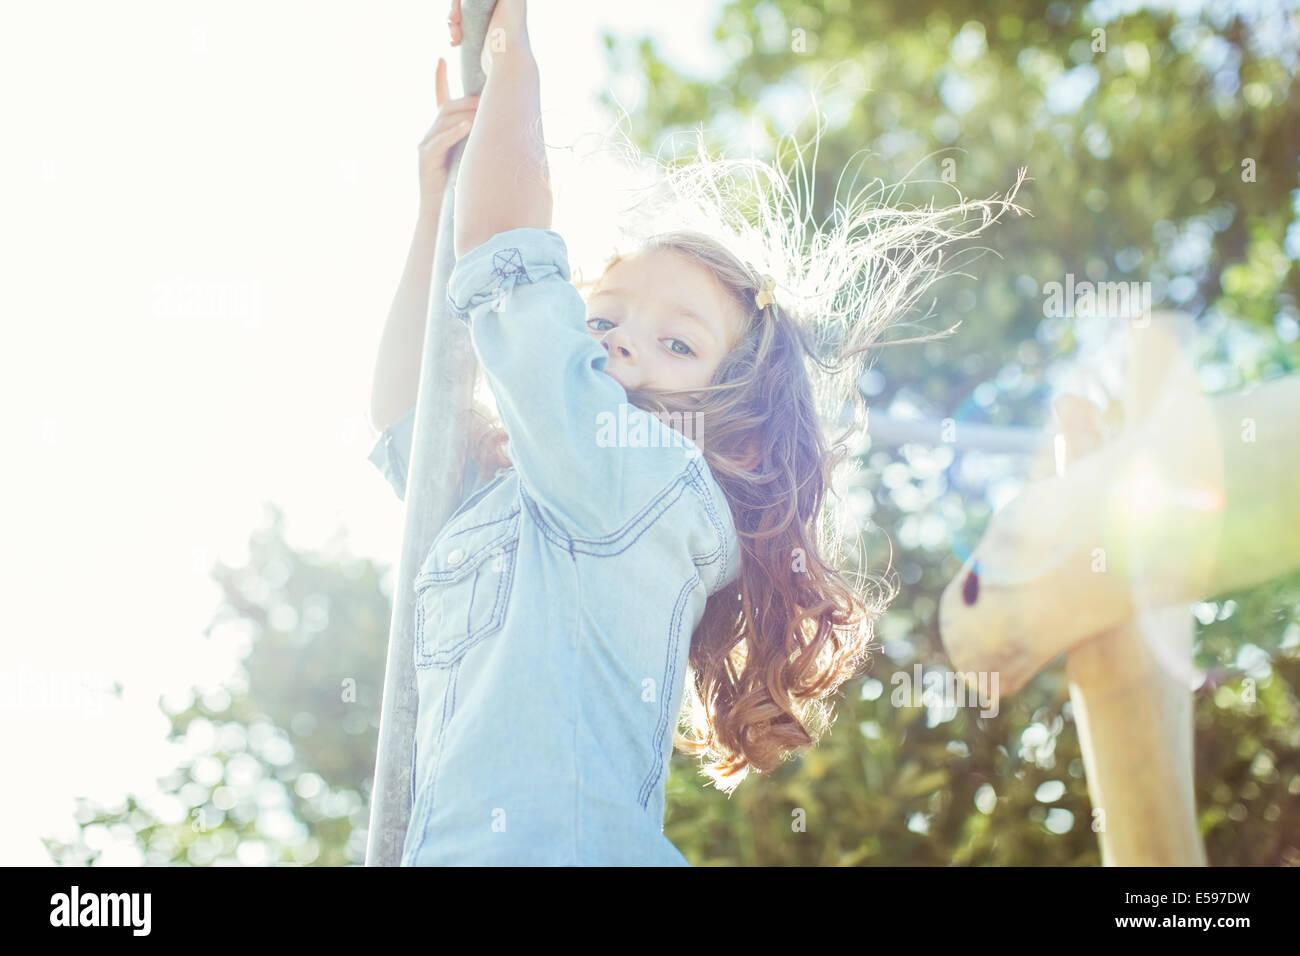 Los niños la escalada al aire libre Imagen De Stock